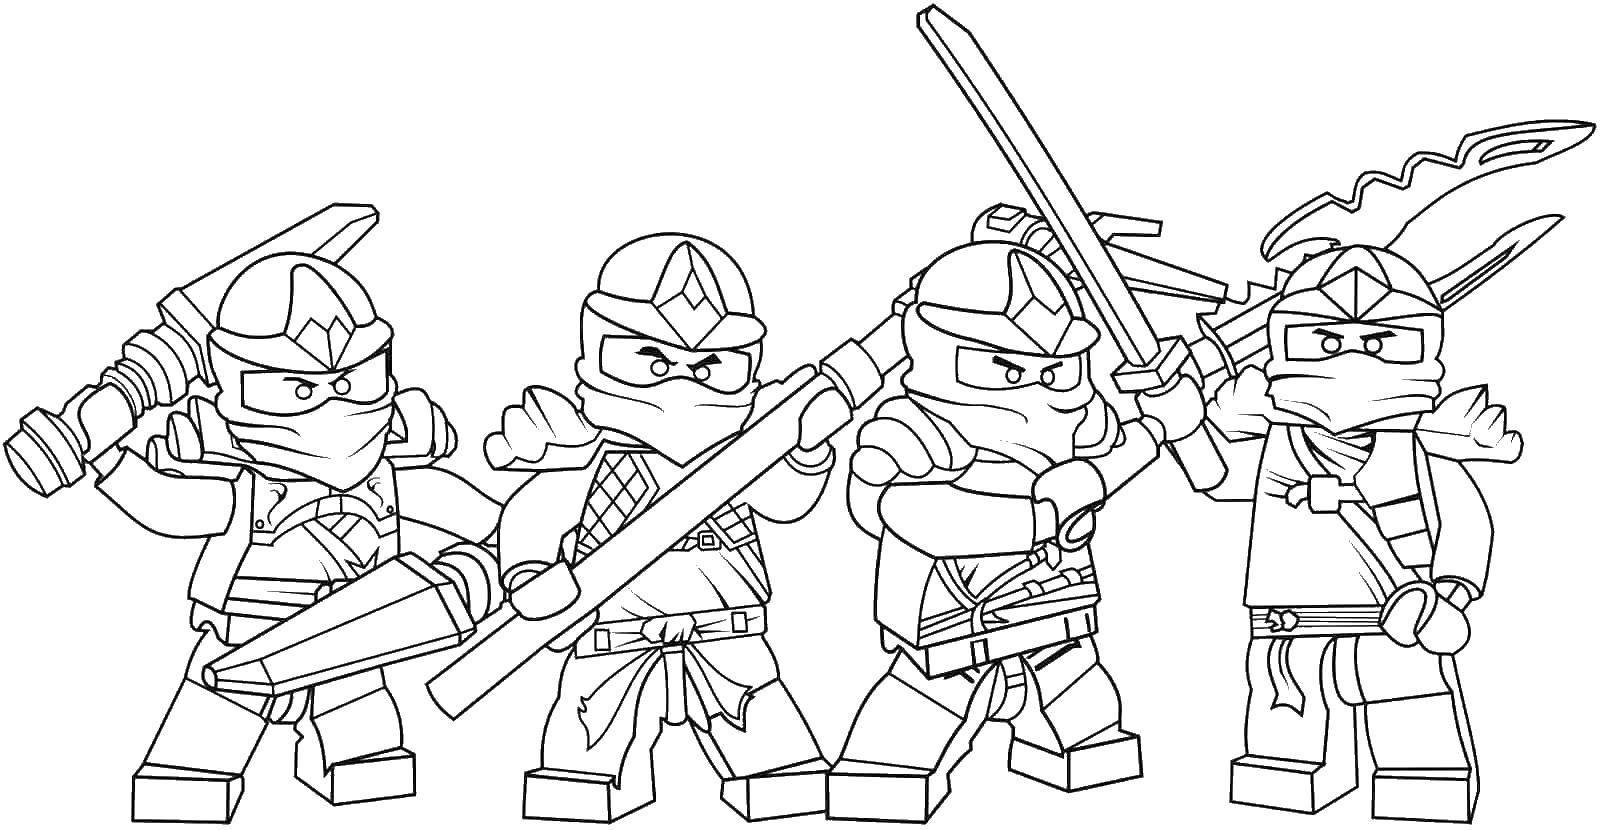 Раскраска Лего Скачать майнкрафт, солдат.  Распечатать ,майнкрафт,